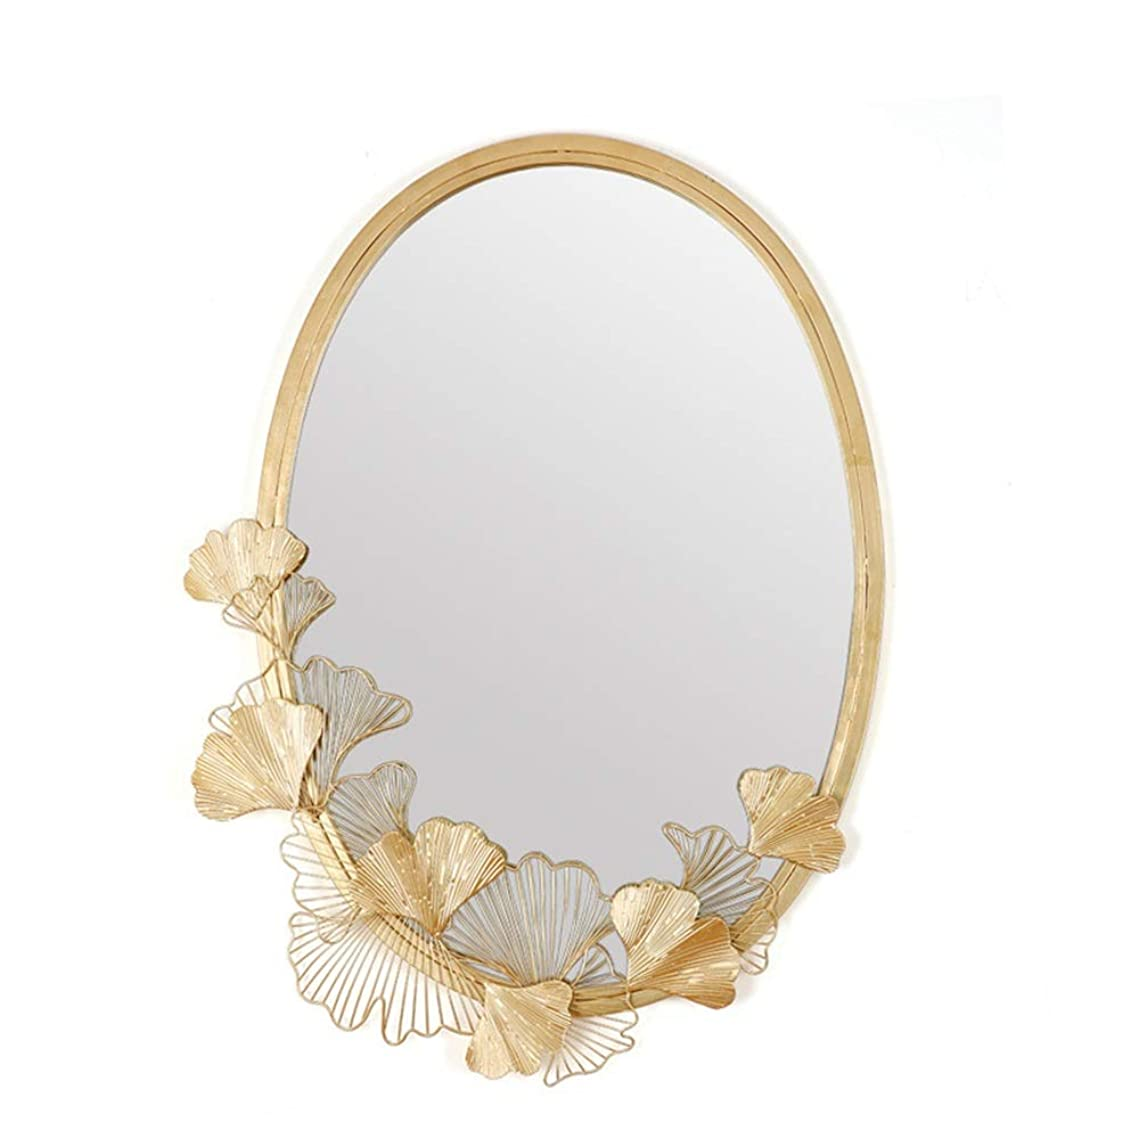 リーダーシップタールドット鏡 壁掛け アート装飾壁鏡ウォールミラー装飾壁ミラー 浴室/お風呂用/部屋/玄関インテリア (色 : ゴールド, サイズ : 64x86cm)